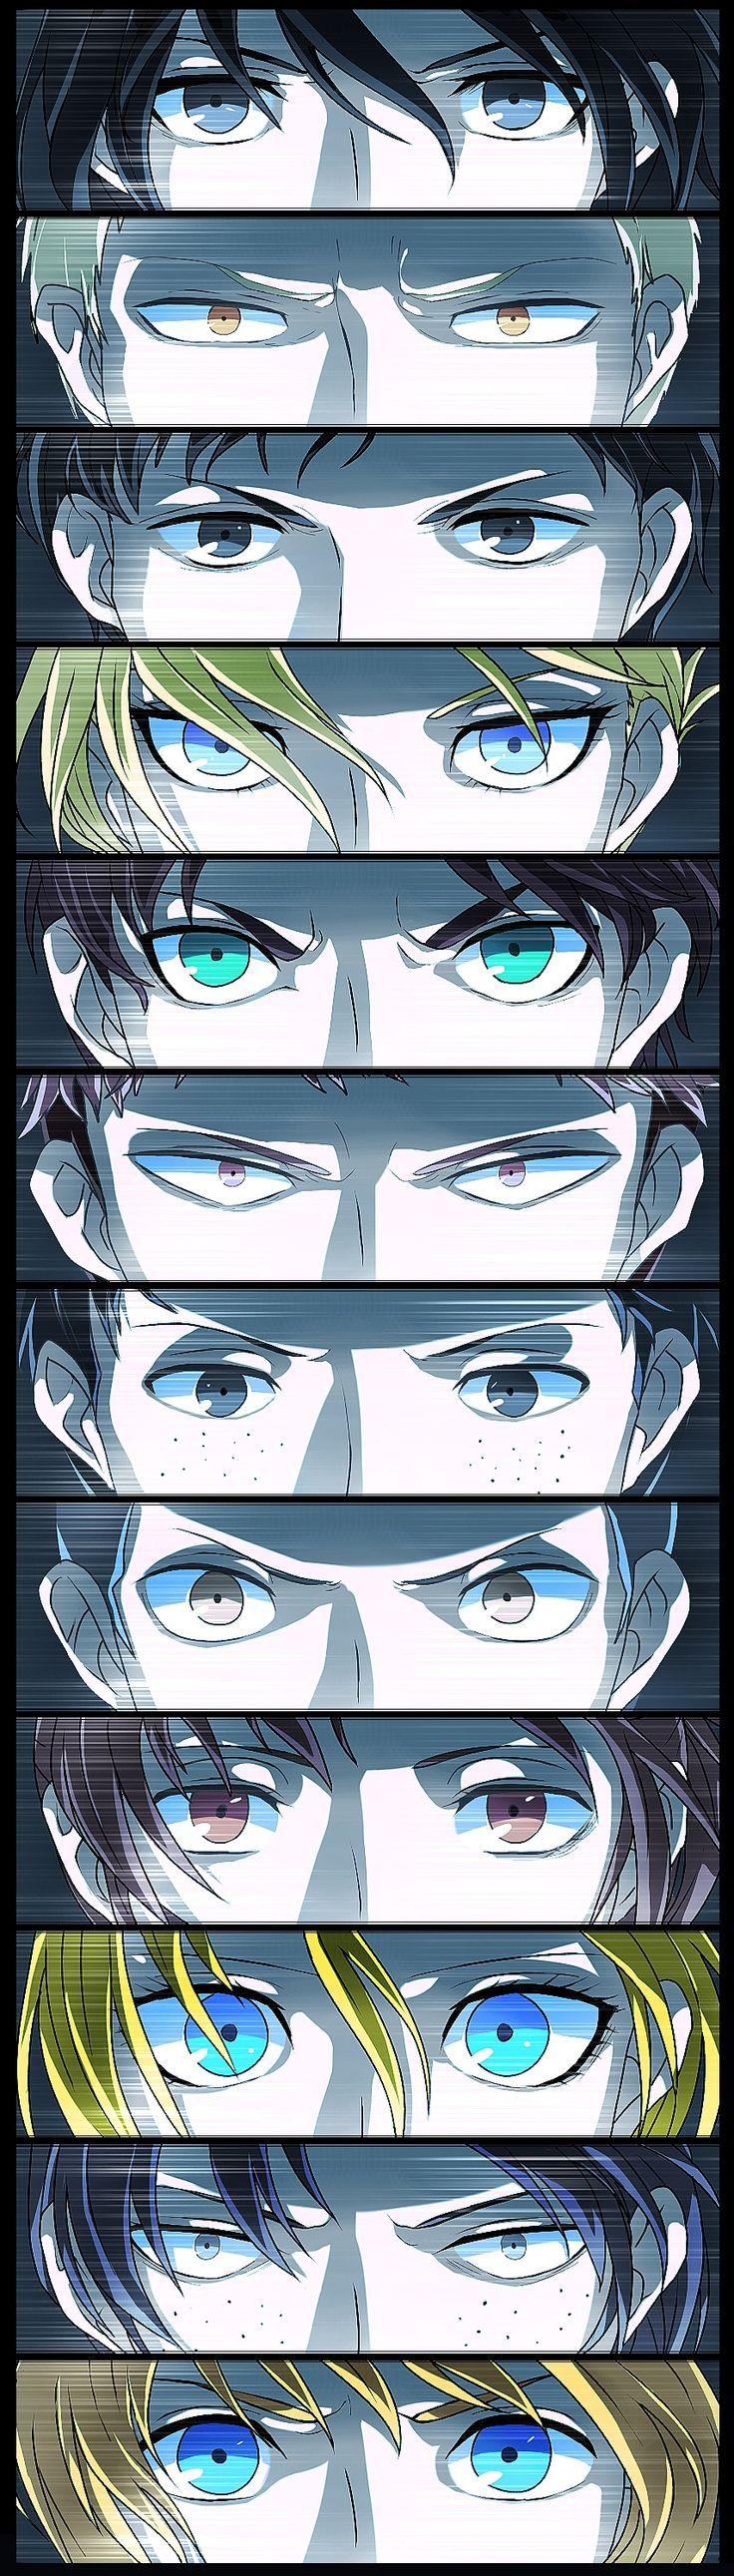 Attack on Titan- Mikasa, Reiner, Bertholdt, Annie, Eren, Jean, Marco, Connie, Sasha, Christa, Ymir, and Armin